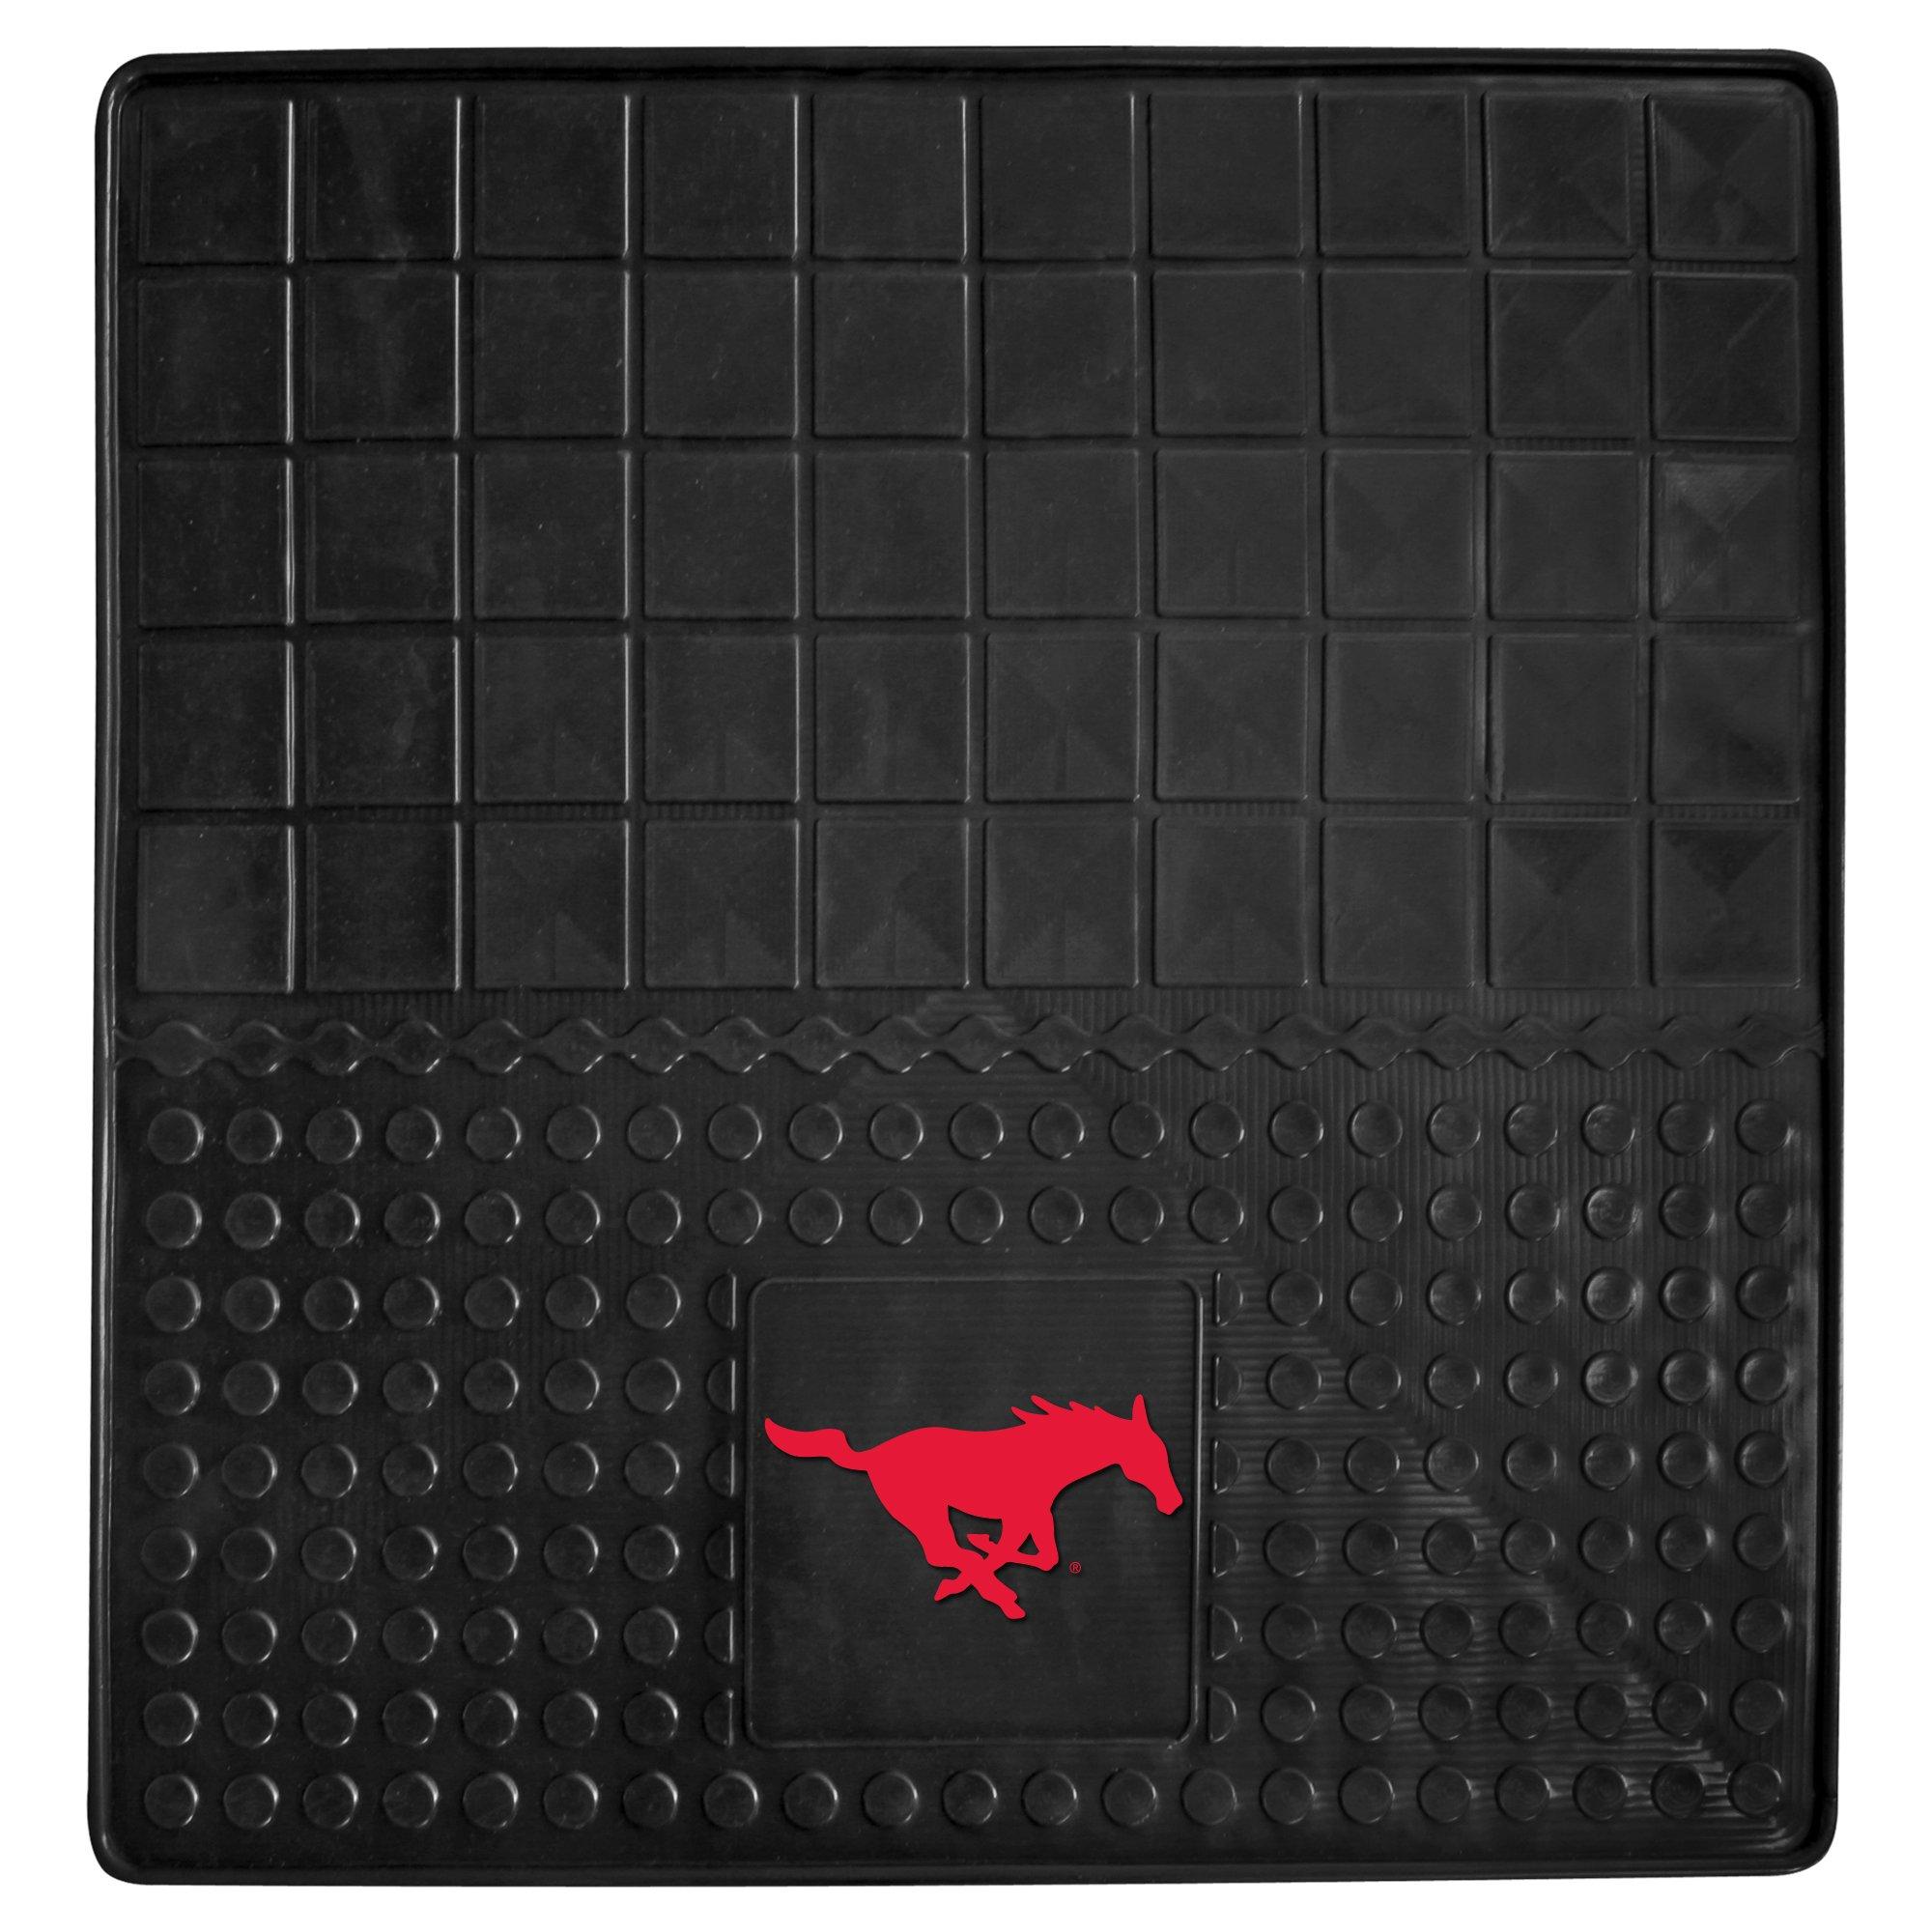 Fanmats 13013 Southern Methodist University Mustangs Vinyl Heavy Duty Cargo Mat